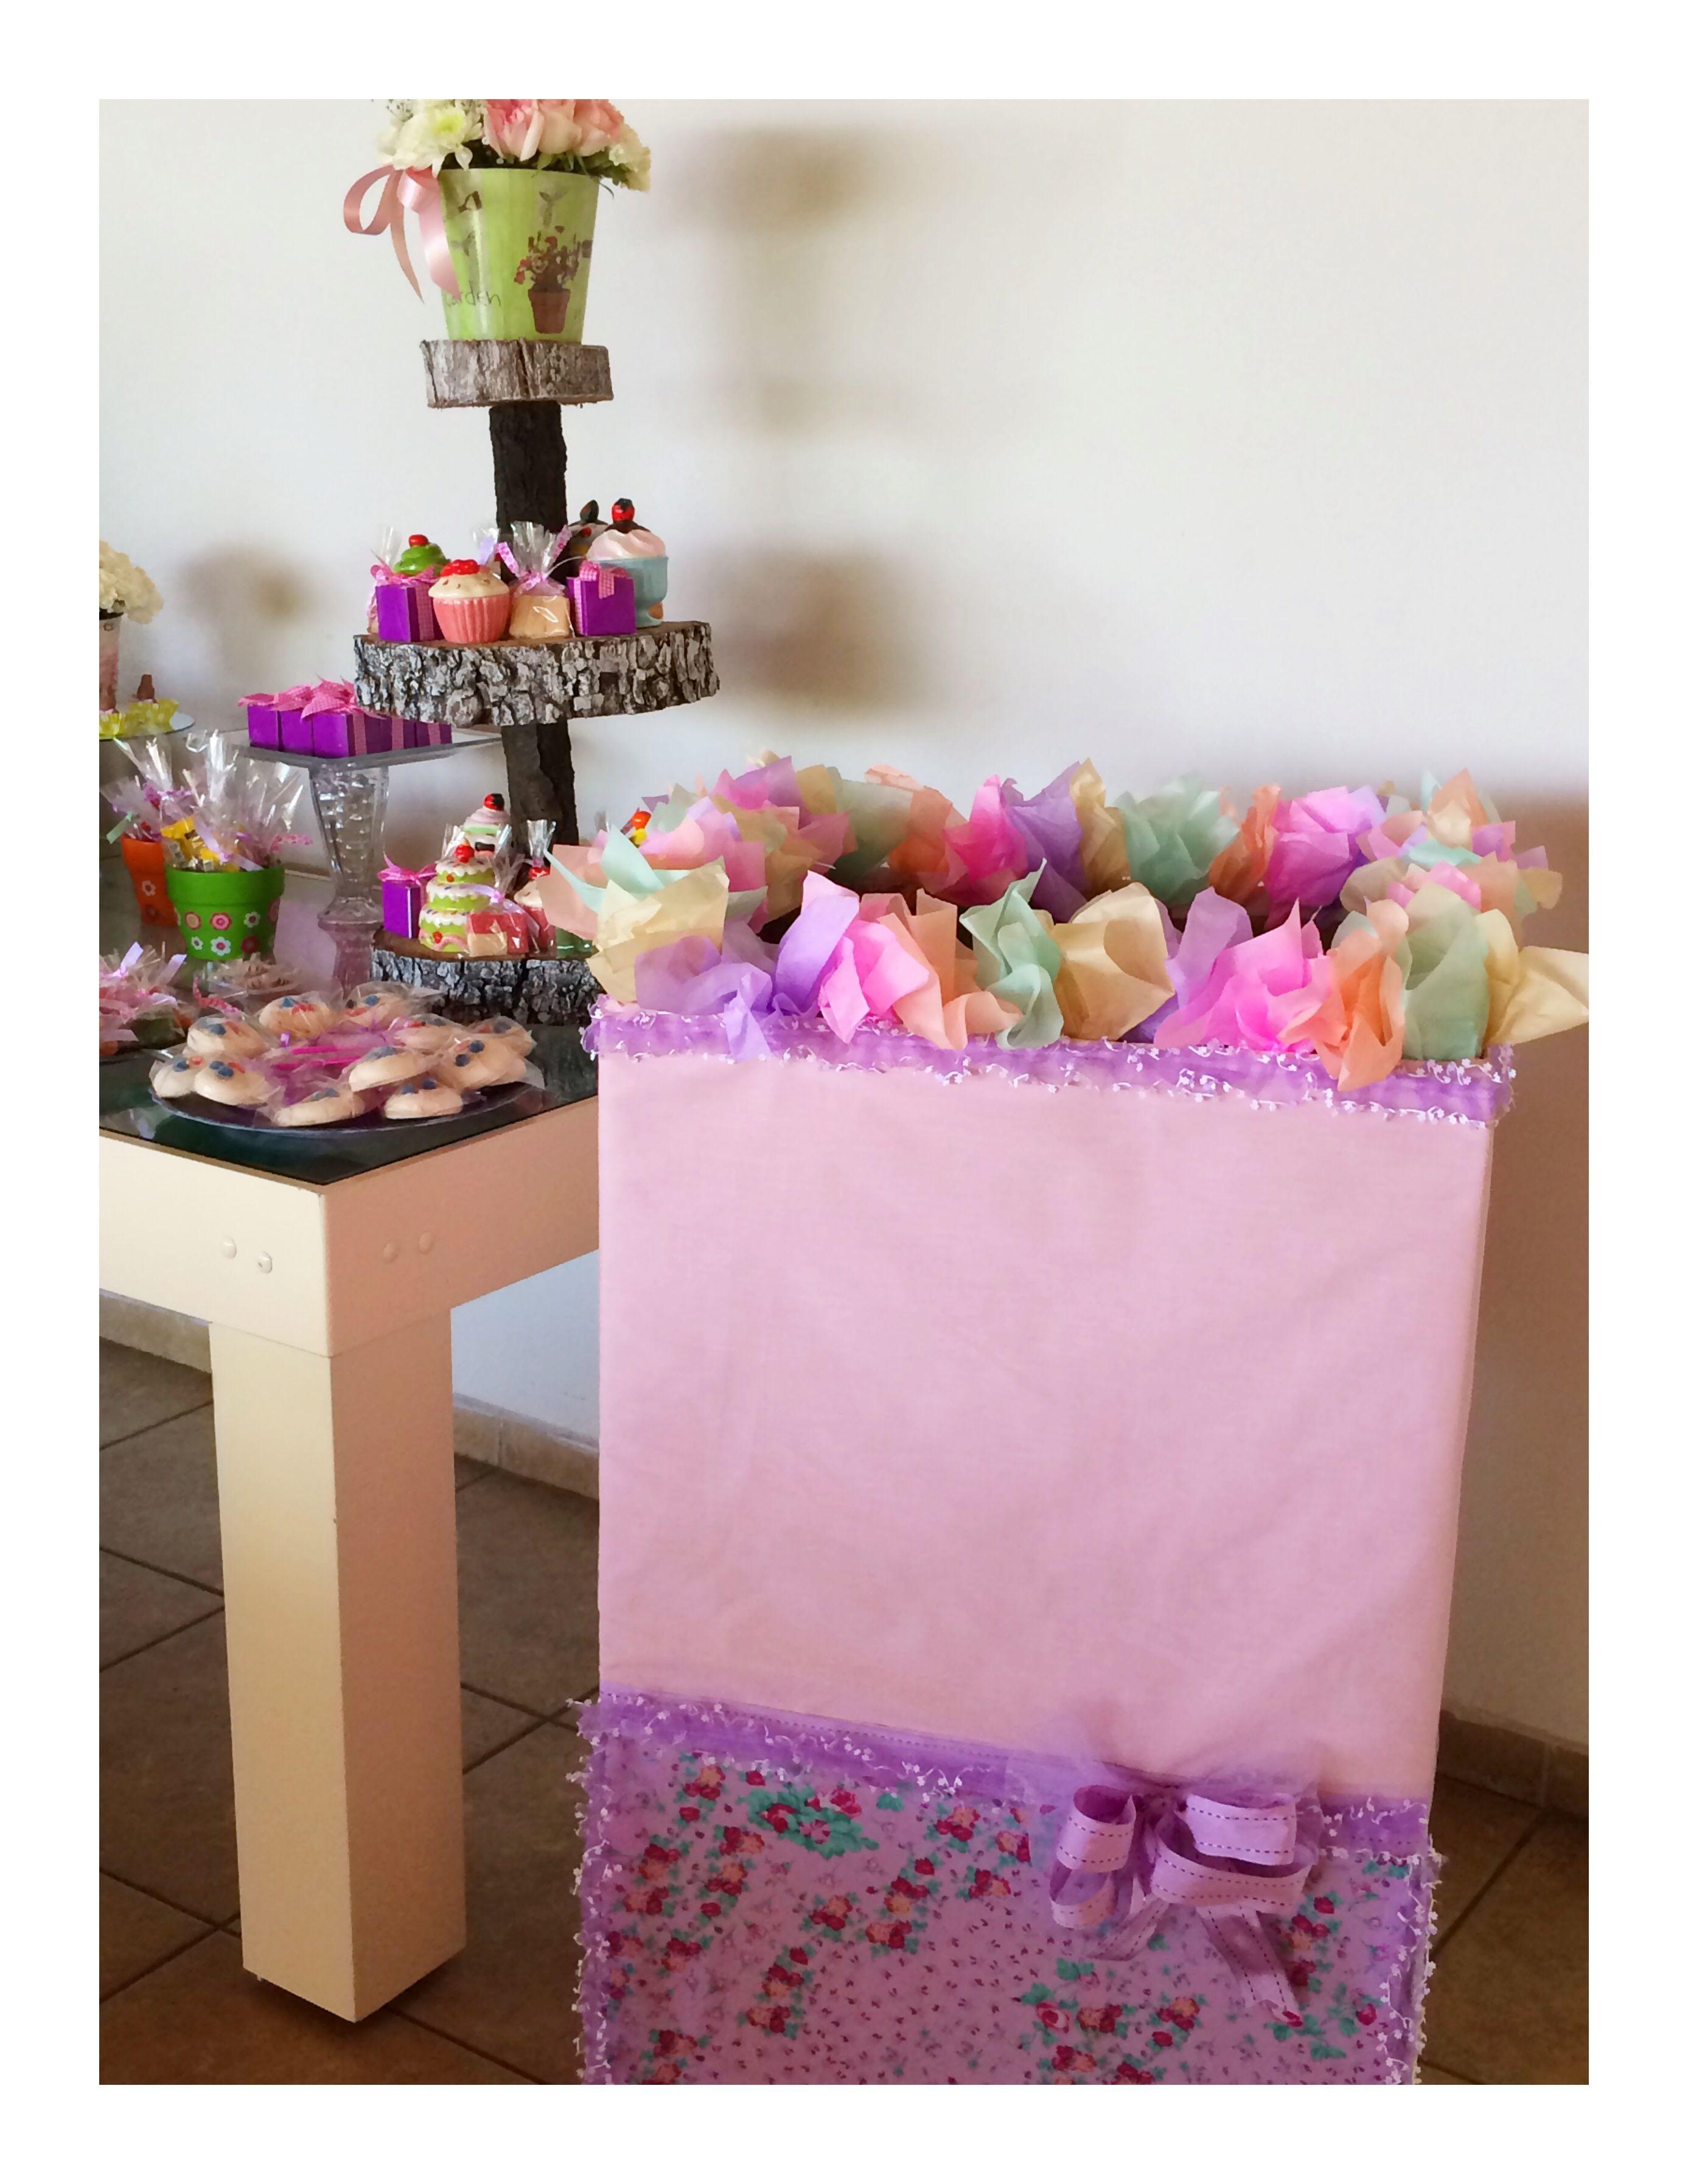 Caja de regalos cajas para regalos fiesta infantil for Decoracion de cajas